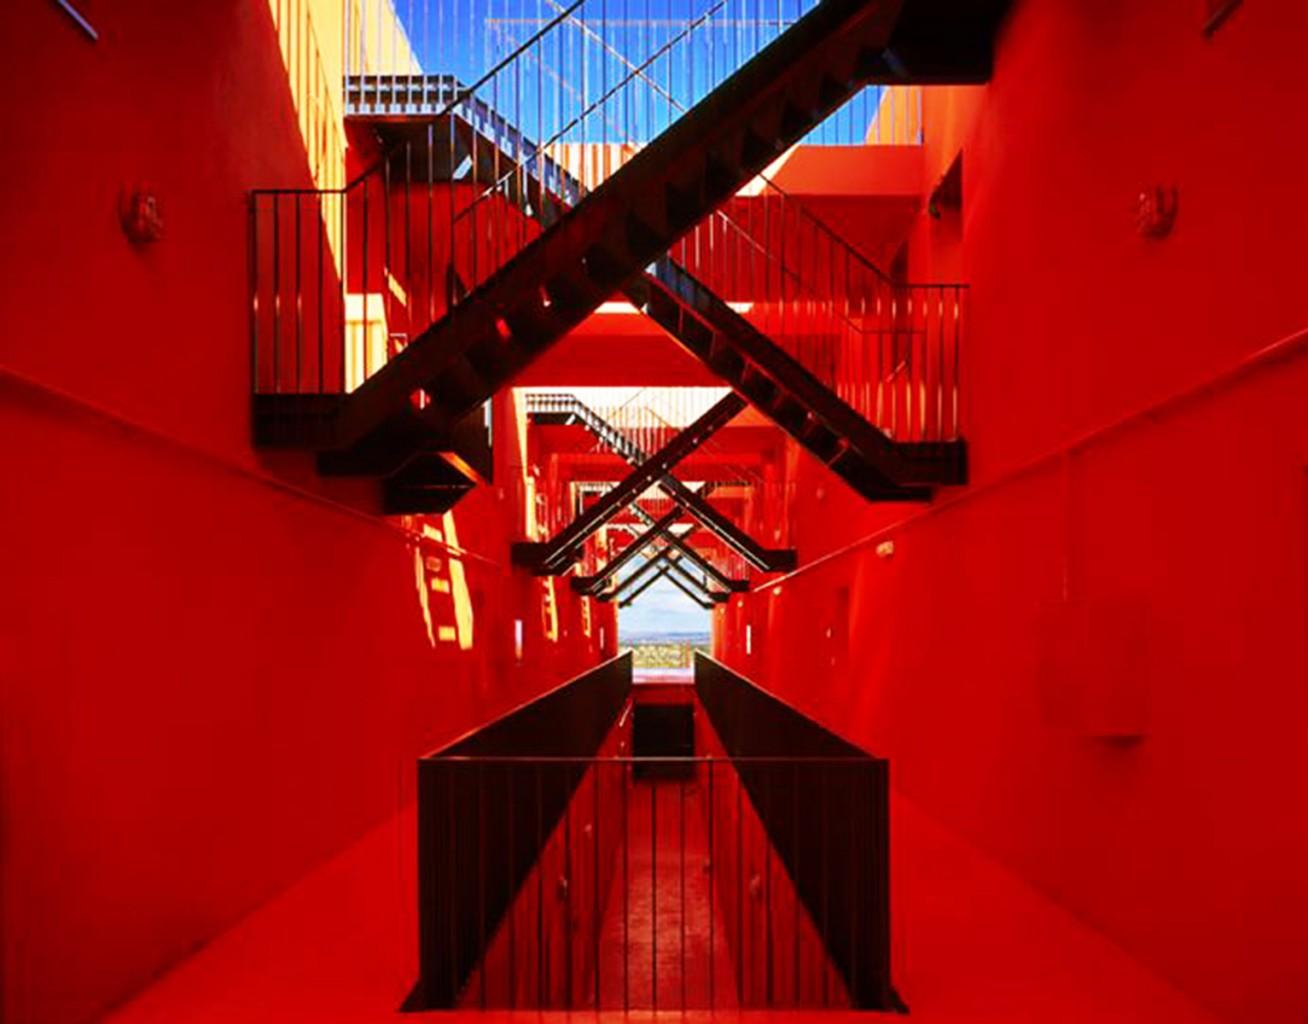 Edificio Mirador Blanca Lleo y MVRDV 05 copia